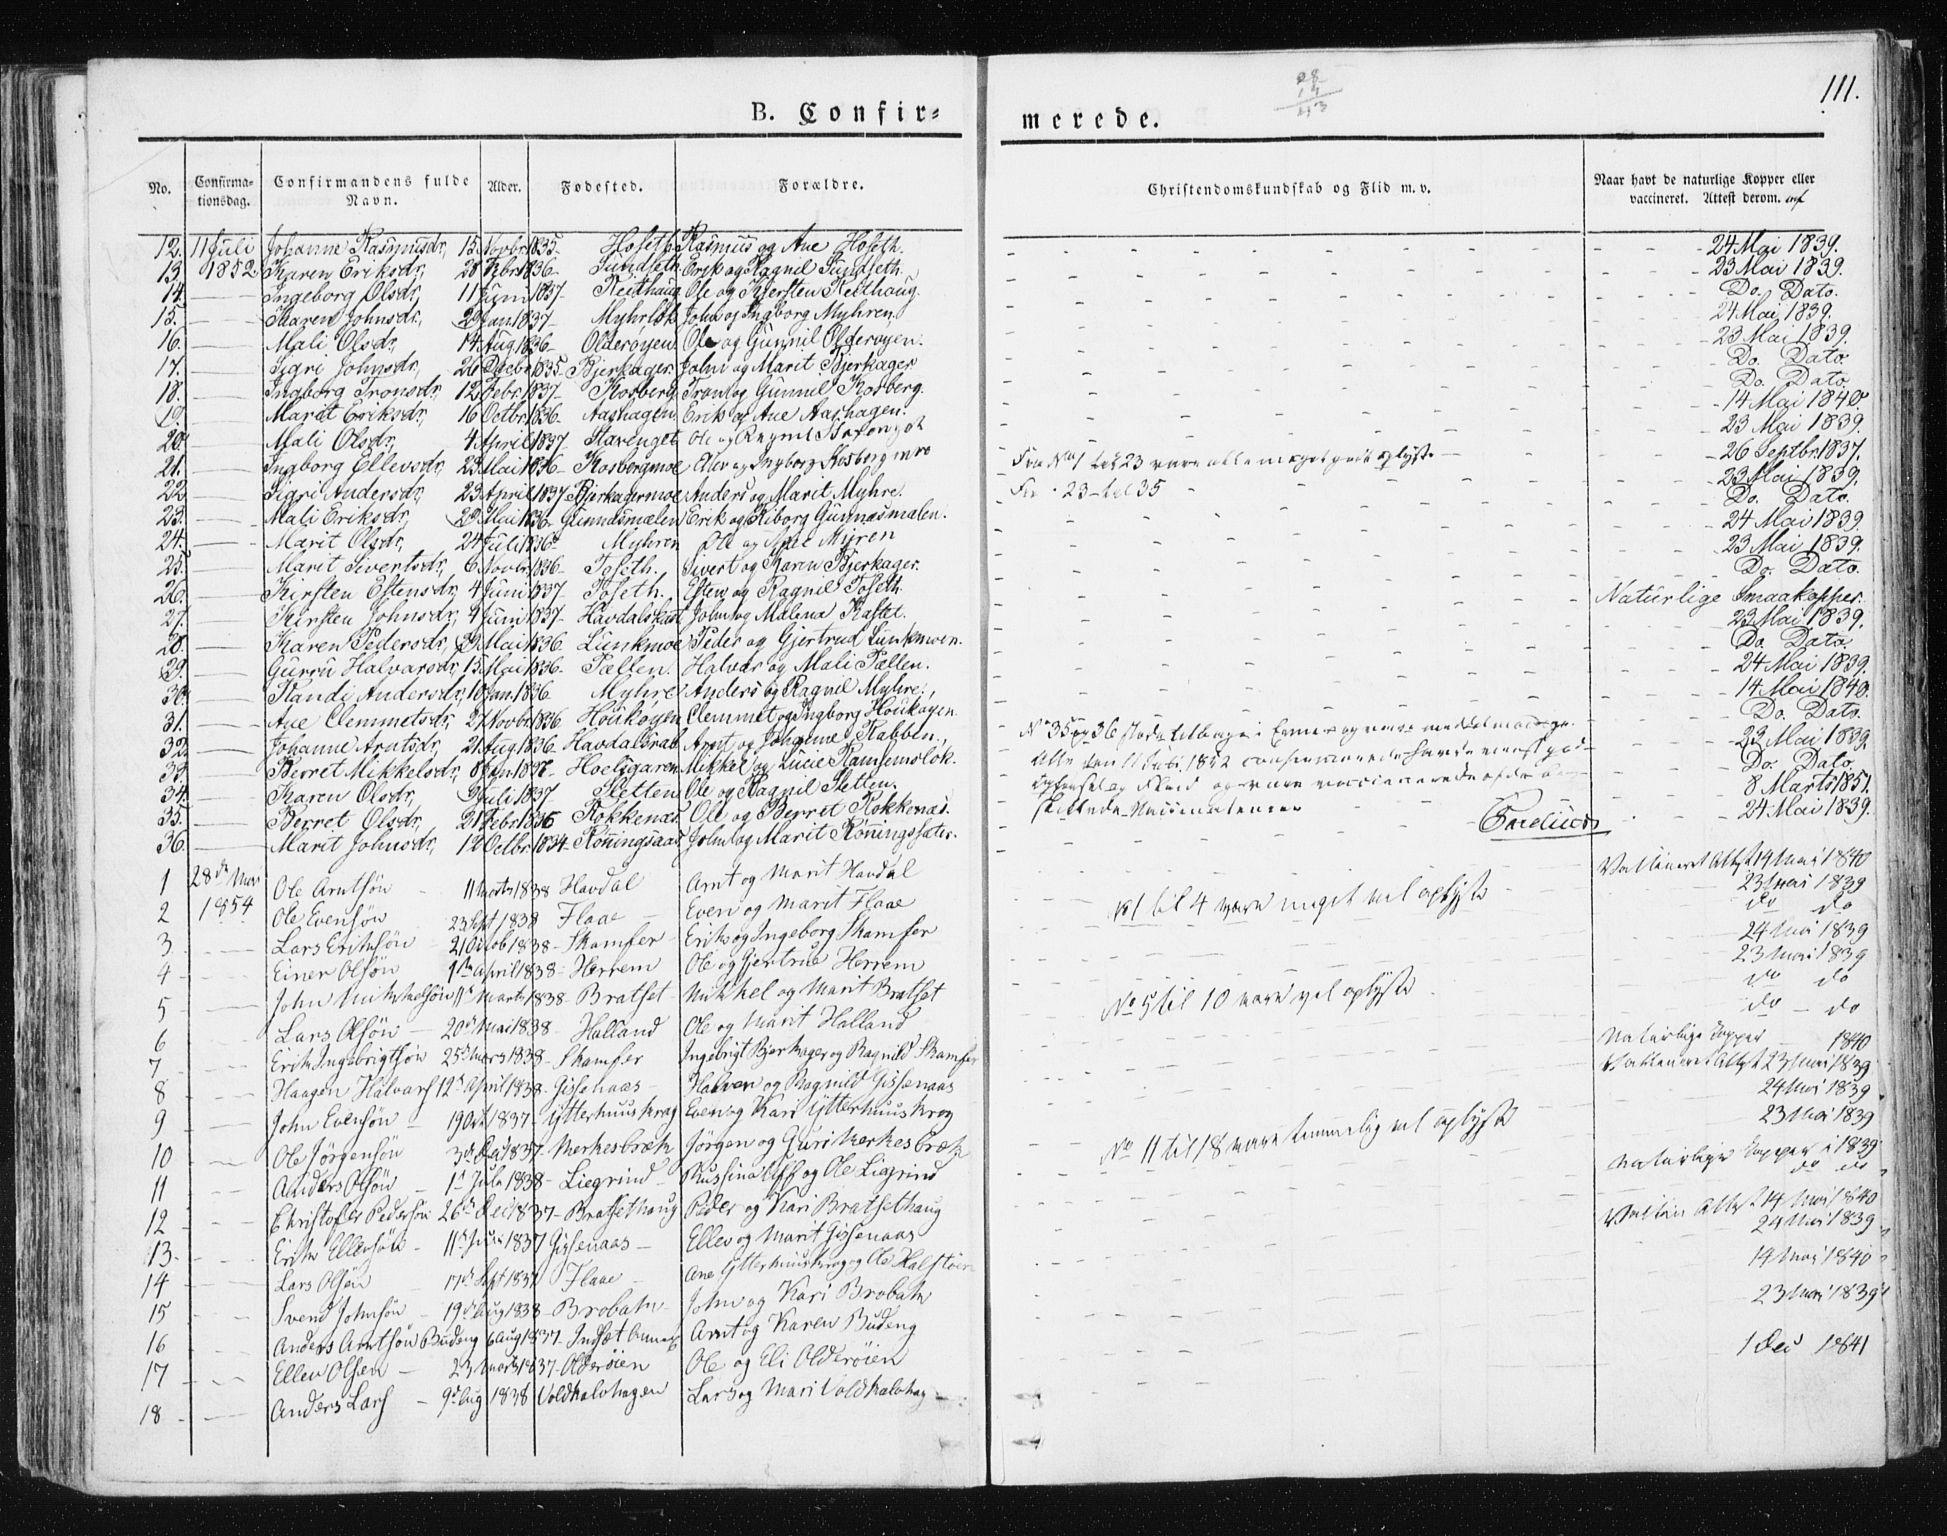 SAT, Ministerialprotokoller, klokkerbøker og fødselsregistre - Sør-Trøndelag, 674/L0869: Ministerialbok nr. 674A01, 1829-1860, s. 111